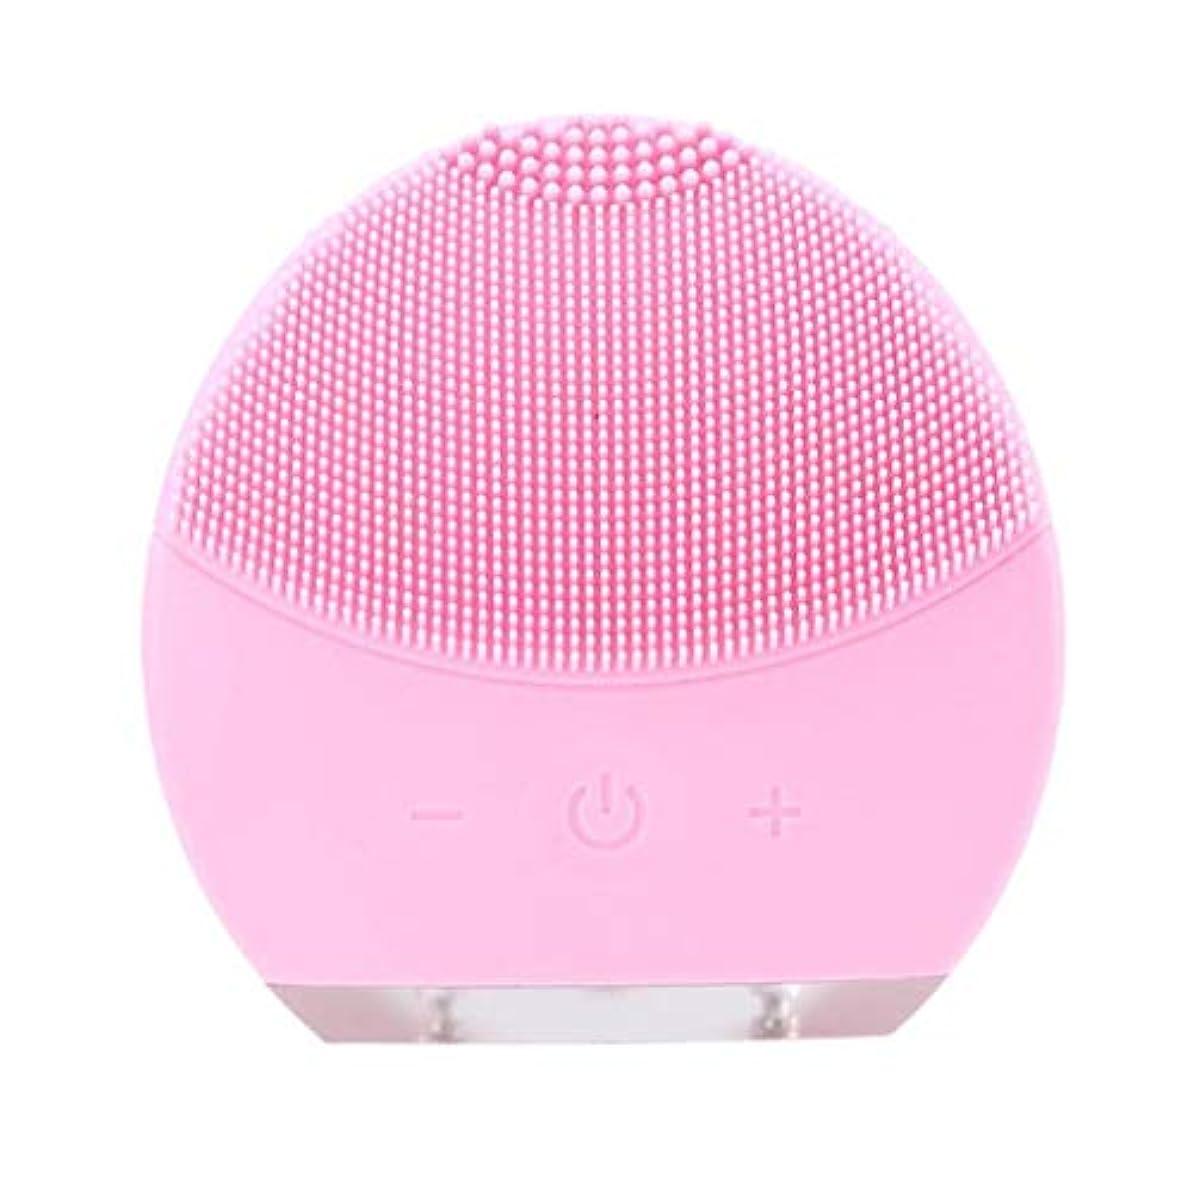 まろやかな進行中作物超音波振動美容機器洗浄器、皮膚の毛穴を最小限に抑えるマイクロダーマブレーション毛穴、USB 充電と防水,Pink